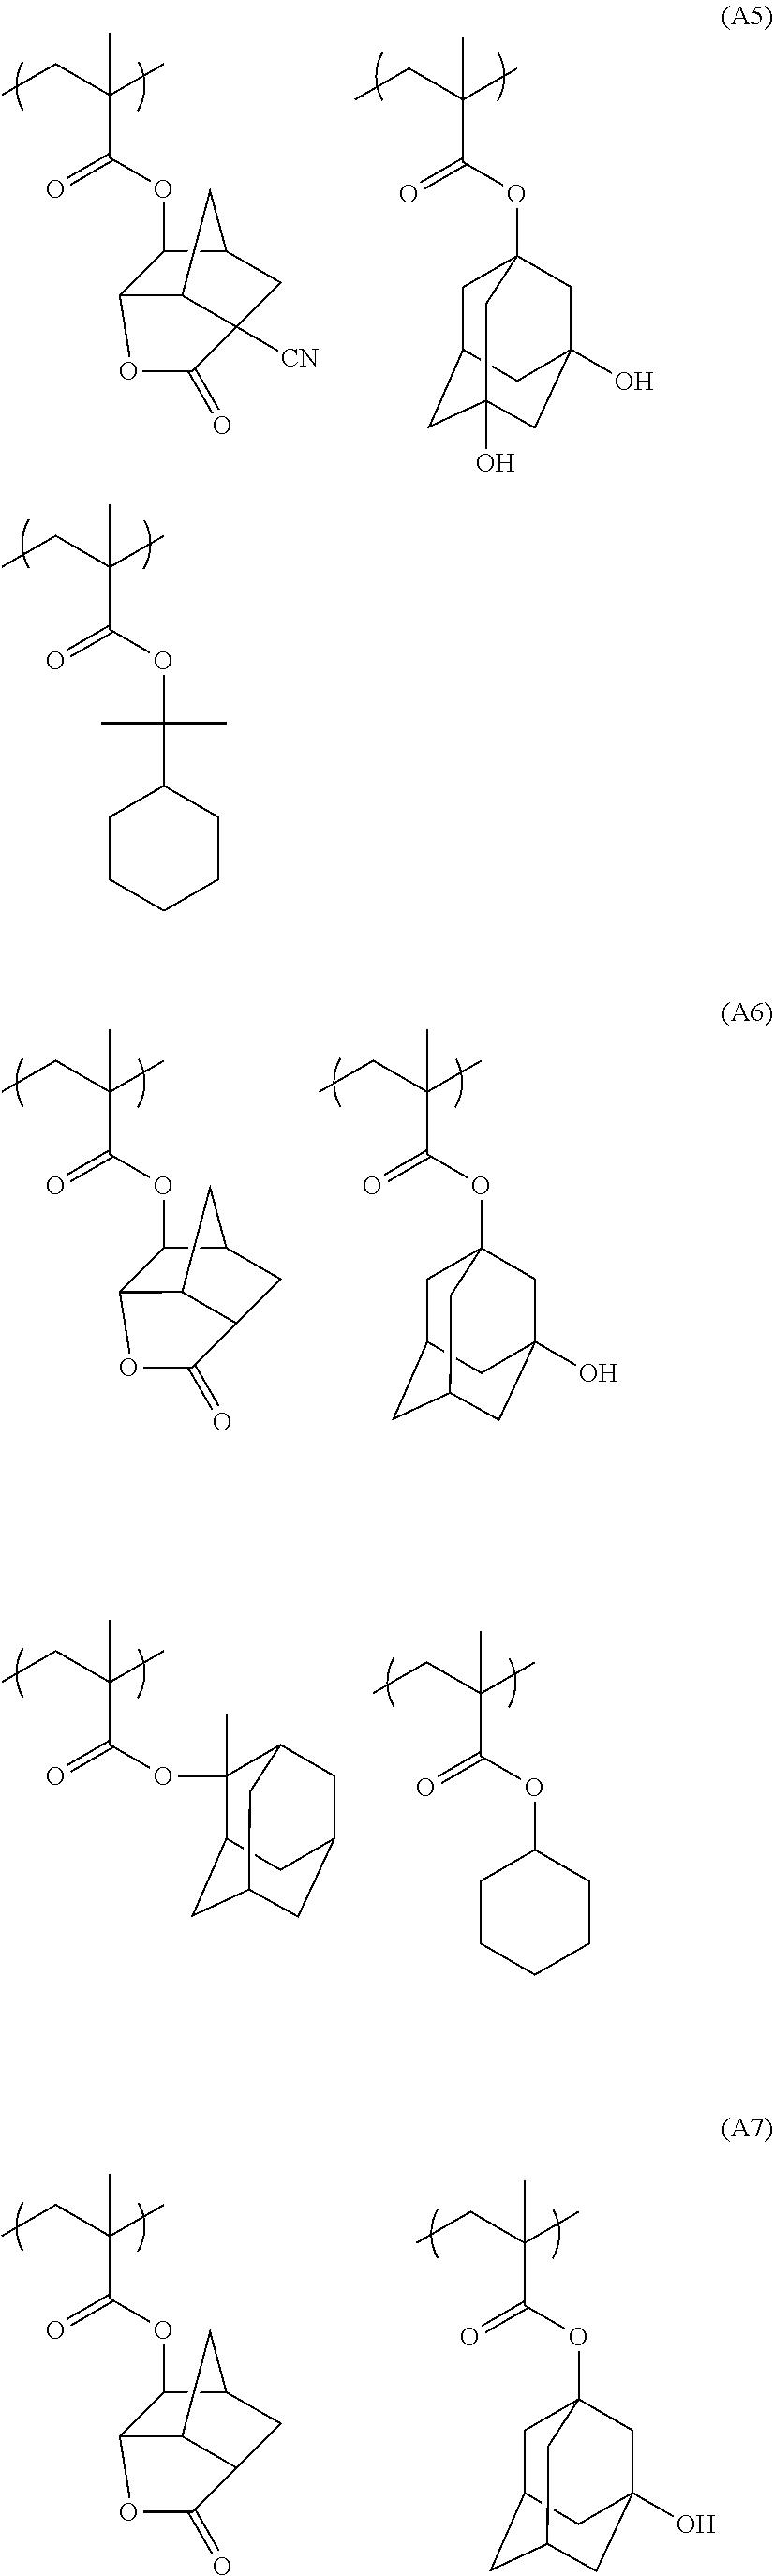 Figure US08071272-20111206-C00083